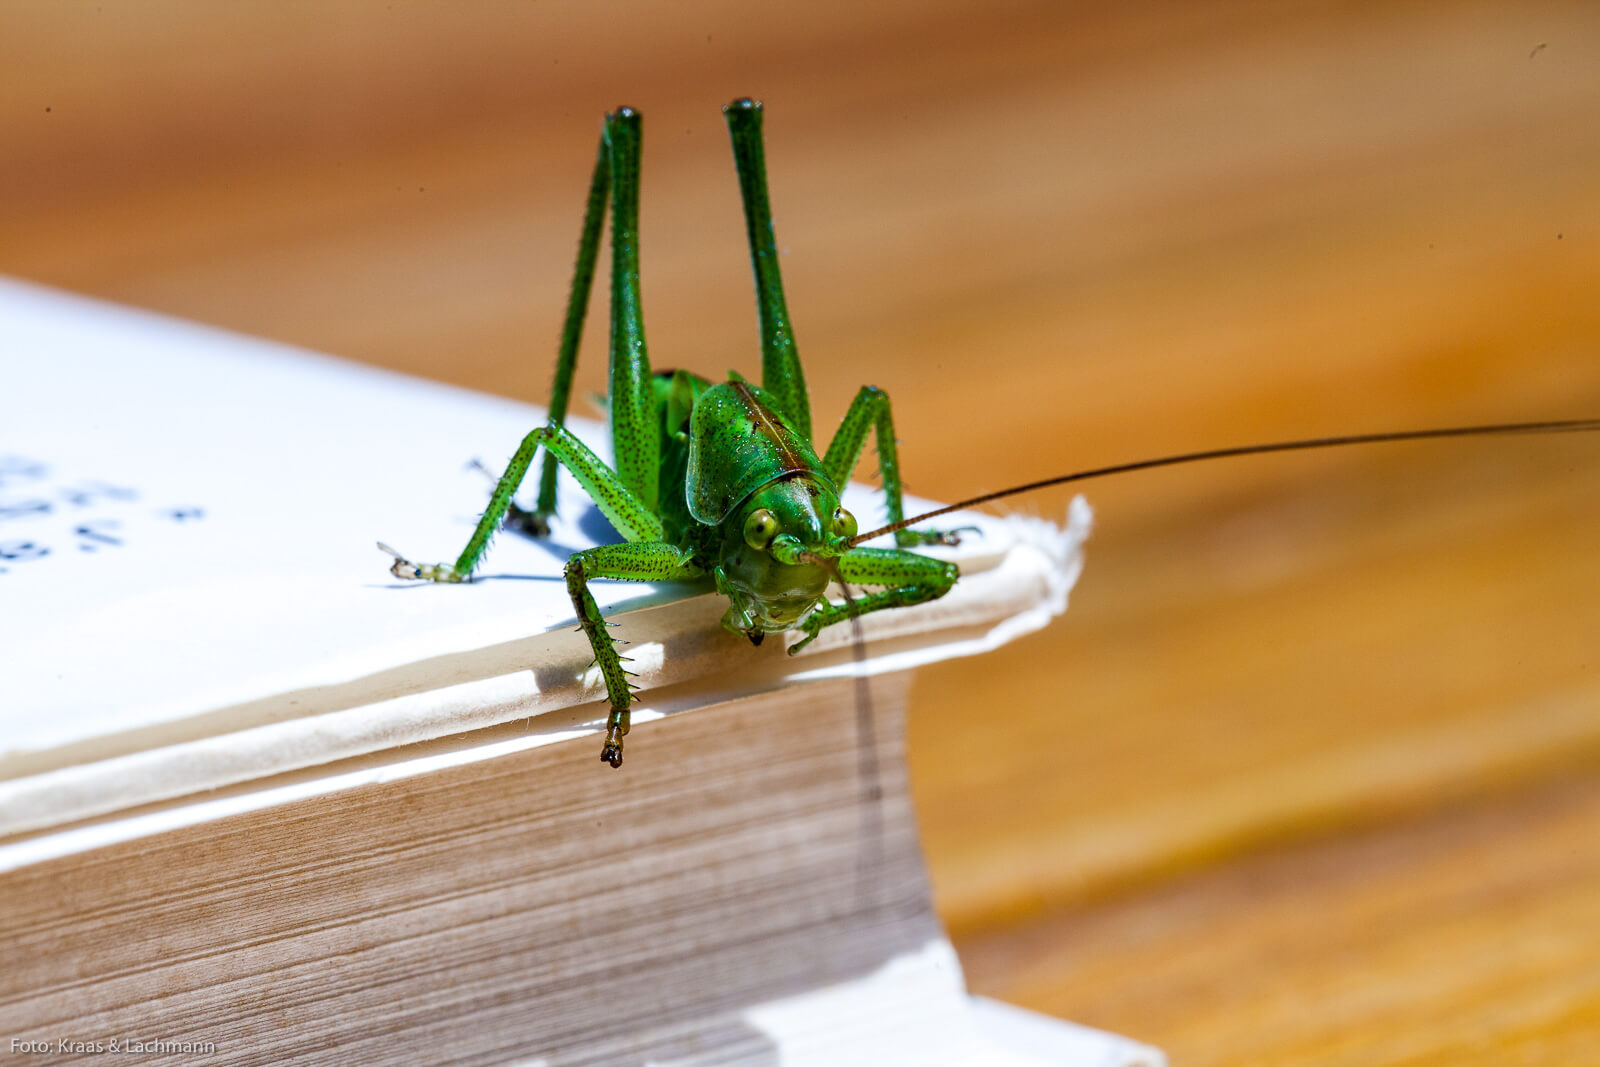 Die Welt der Insekten ist faszinierend. Wir sollten diese Tiere nicht unterschätzen.